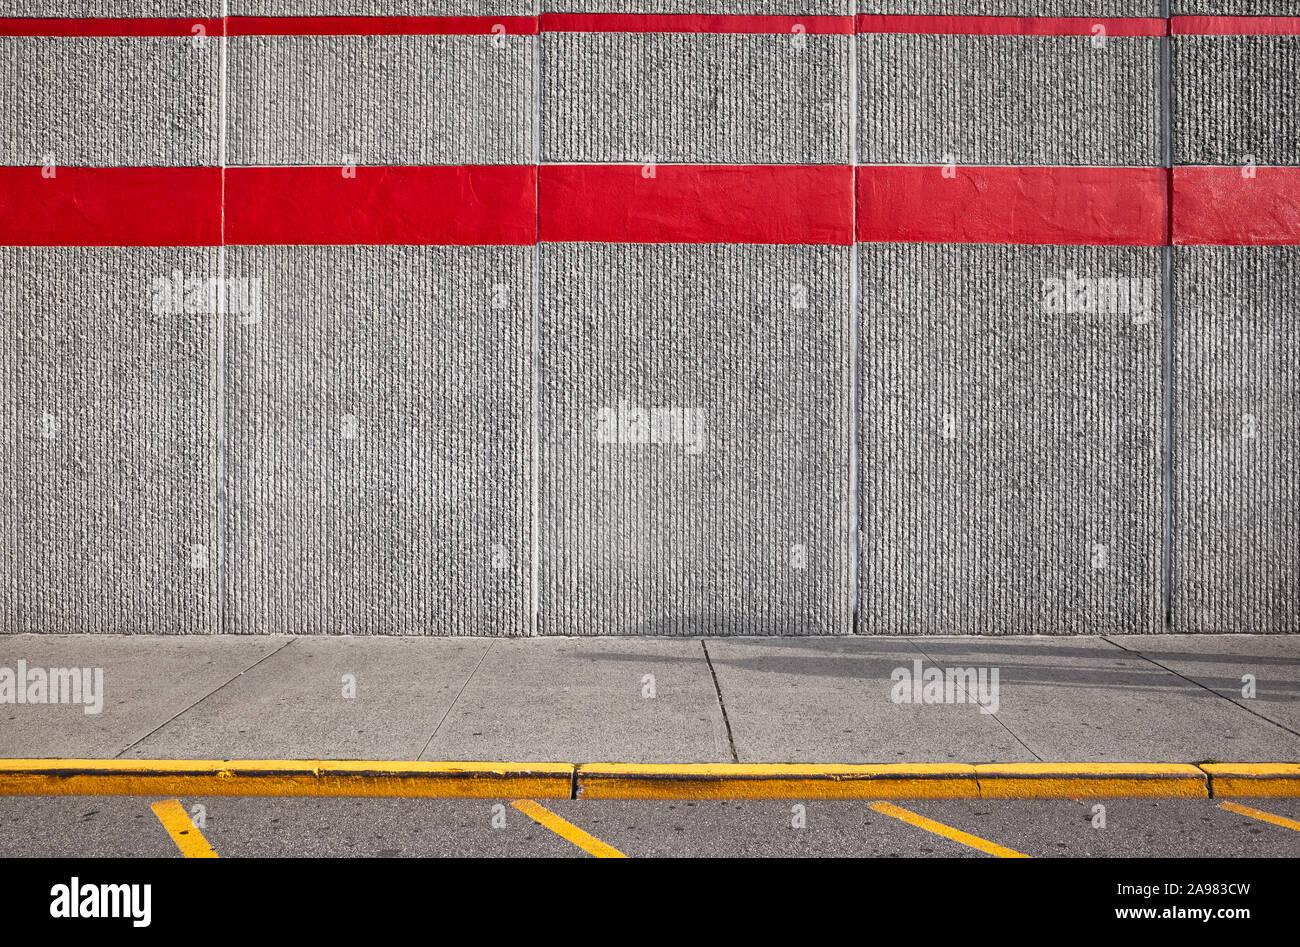 Trottoir avec mur de béton, l'arrière-plan urbain. Banque D'Images